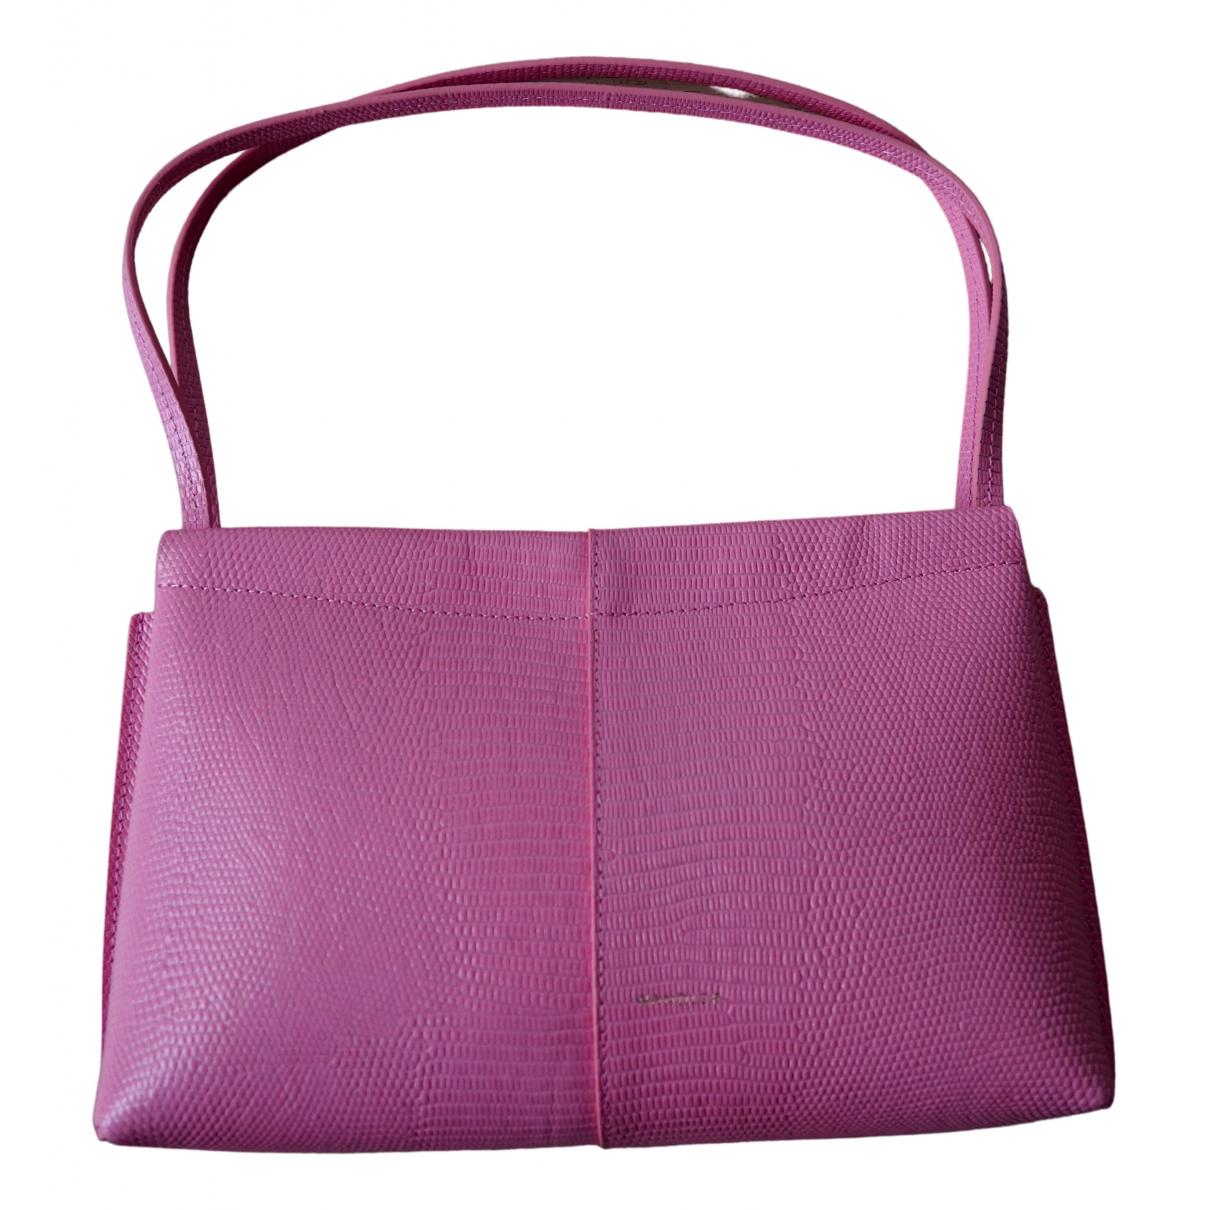 Wandler \N Handtasche in  Rosa Leder